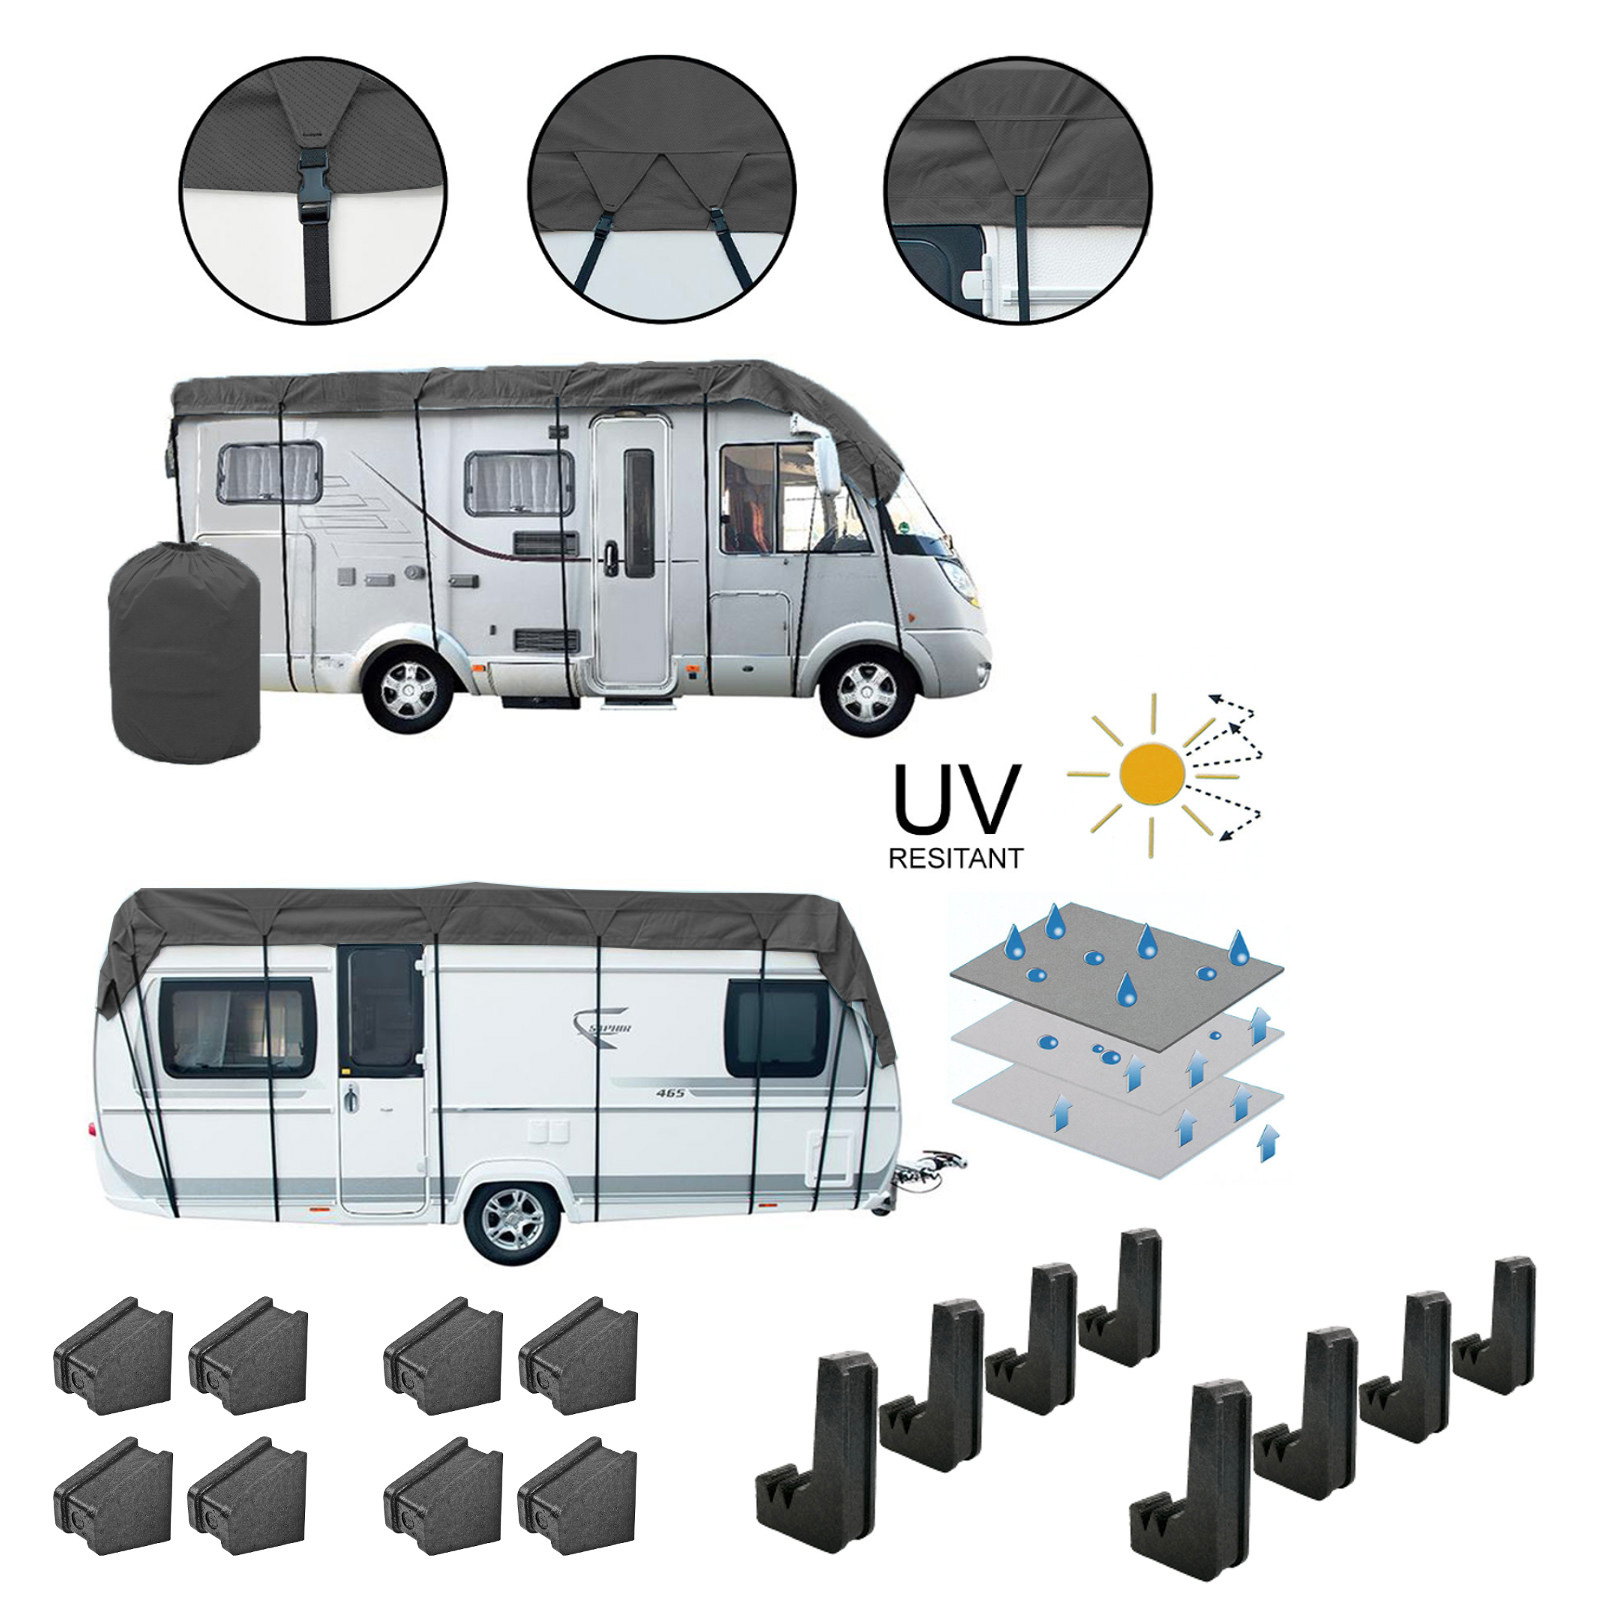 Wohnwagen & Wohnmobil Schutzdach 5x3 Meter Winter geeignet + 8er Set Schutzecken